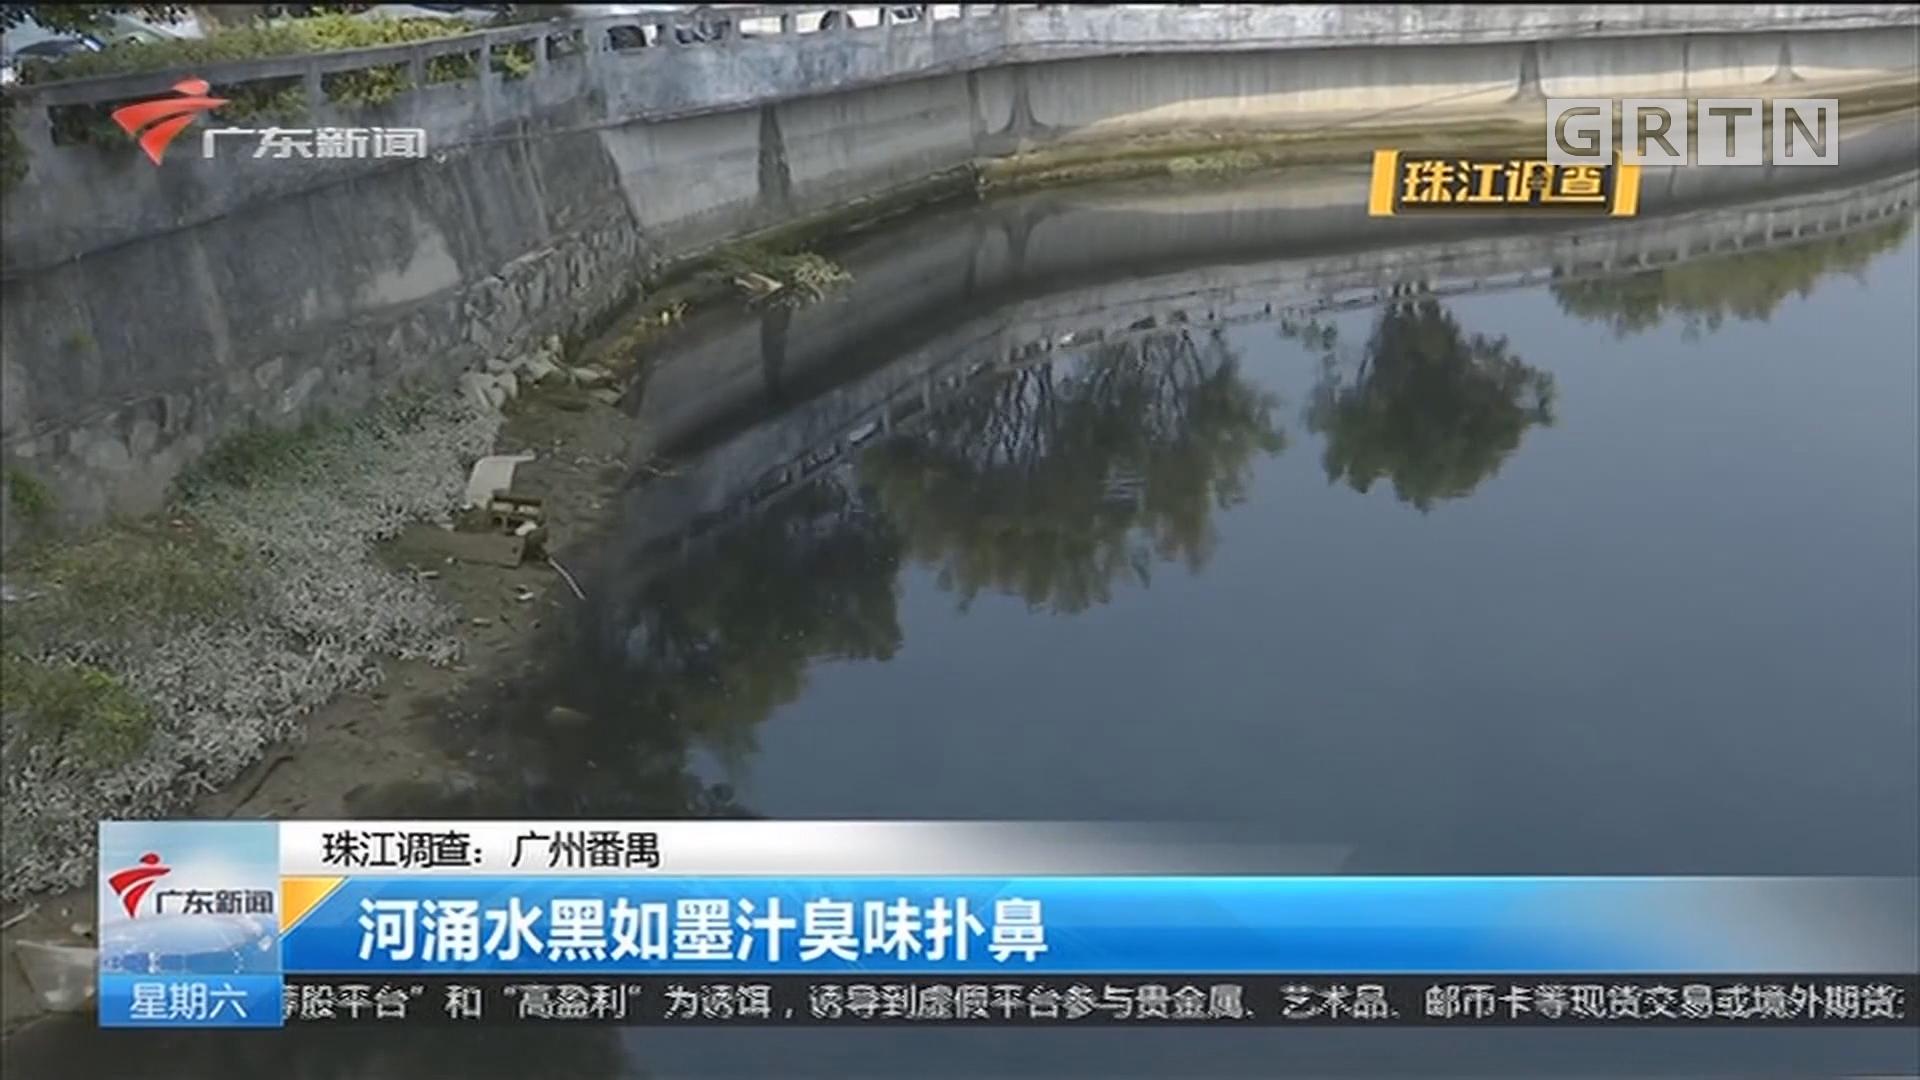 珠江调查:广州番禺 河涌水黑如墨汁臭味扑鼻